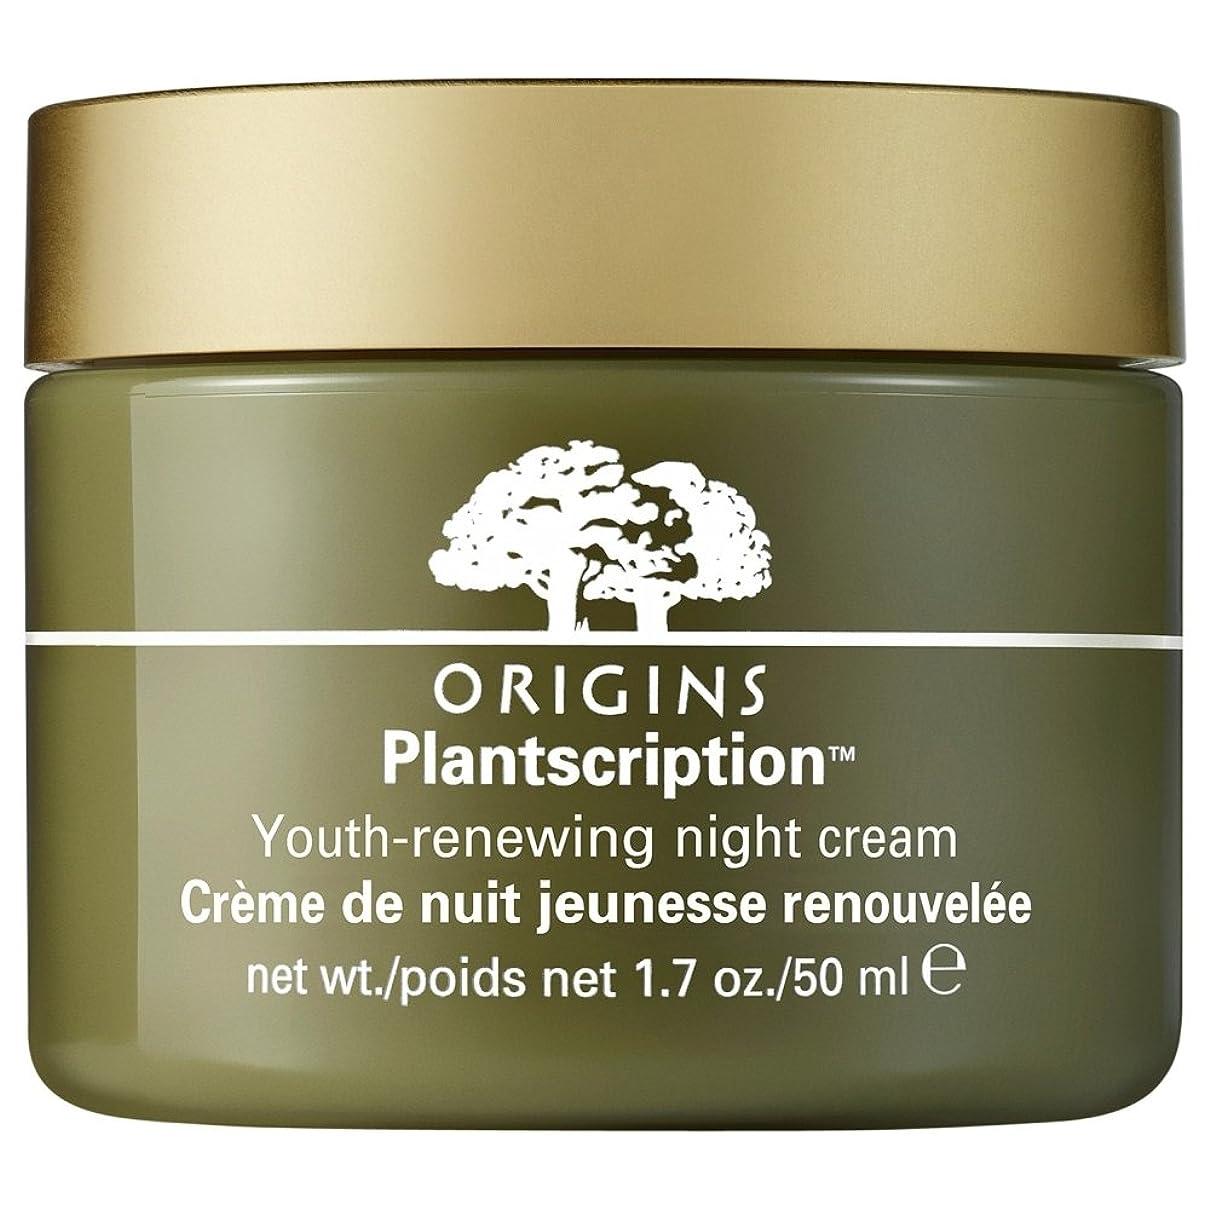 バーガーセラー解く起源Plantscription?若者更新ナイトクリーム、50ミリリットル (Origins) (x2) - Origins Plantscription? Youth-Renewing Night Cream, 50ml (Pack of 2) [並行輸入品]